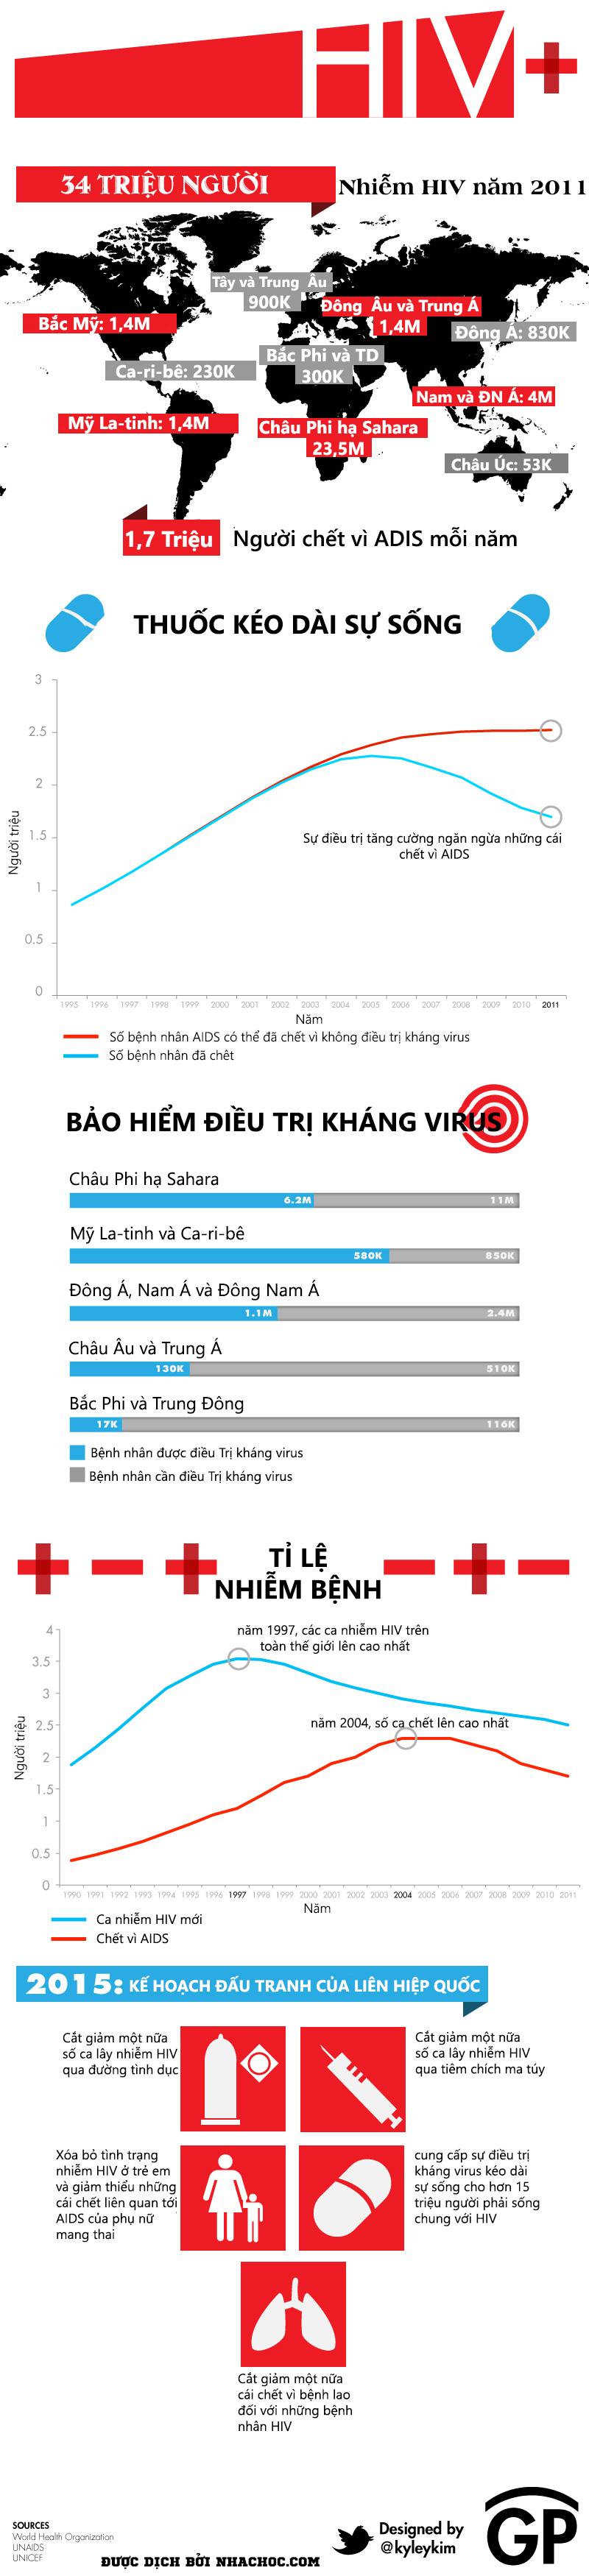 HIV và những điều cần biết